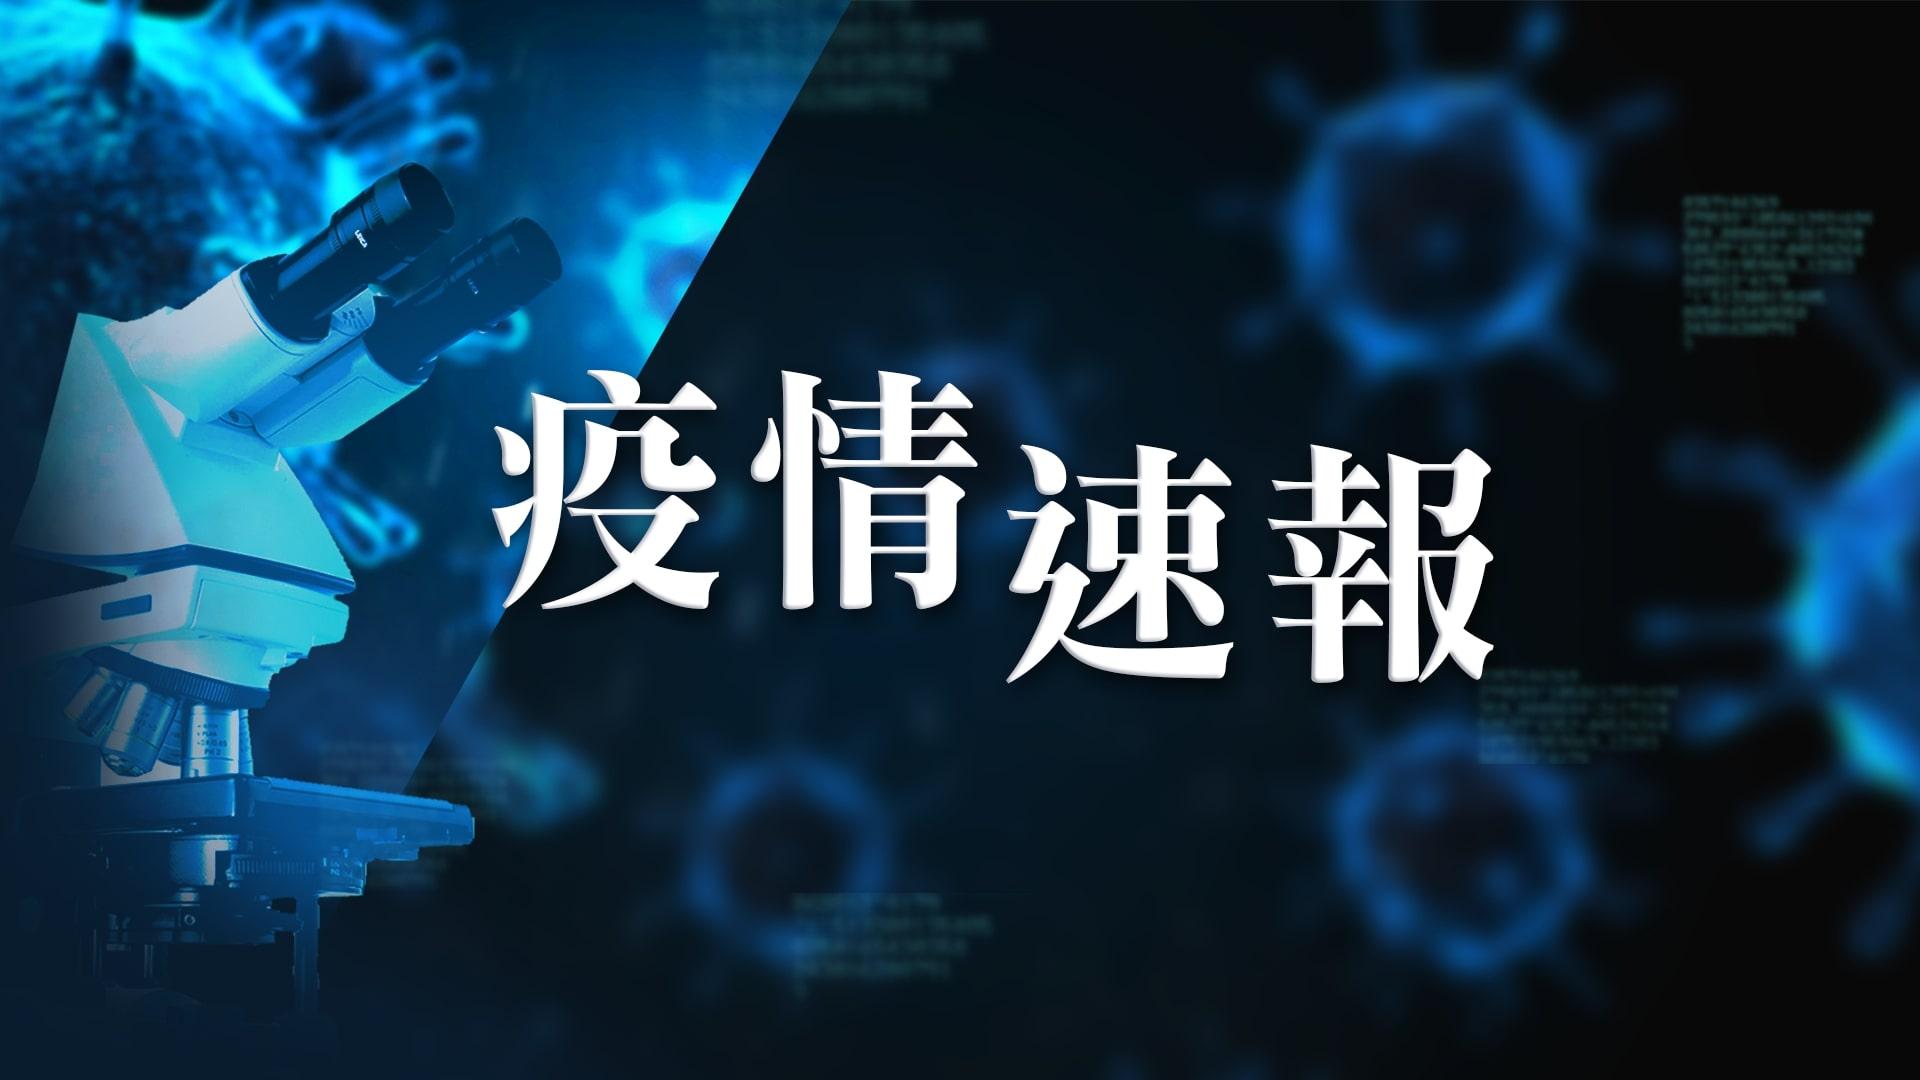 【11月30日疫情速報】(18:45)